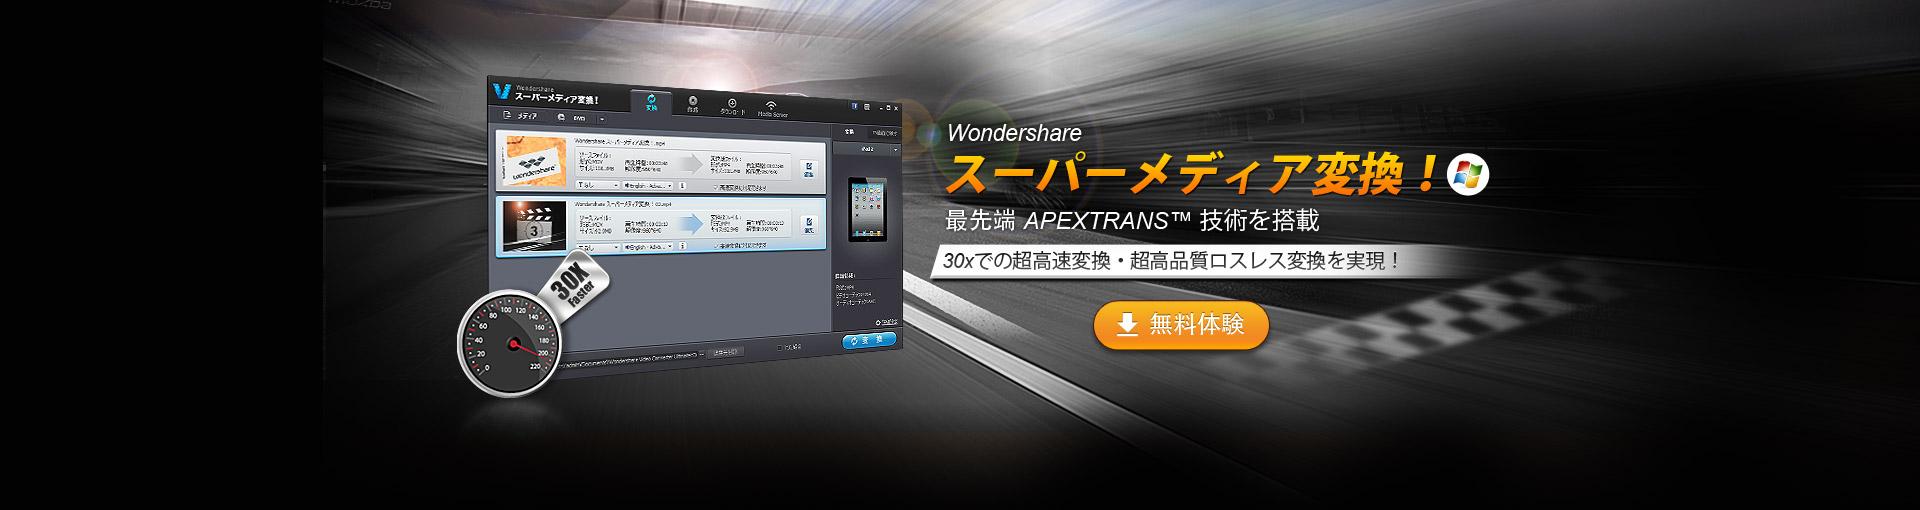 スーパーメディア変換!(Windows版)